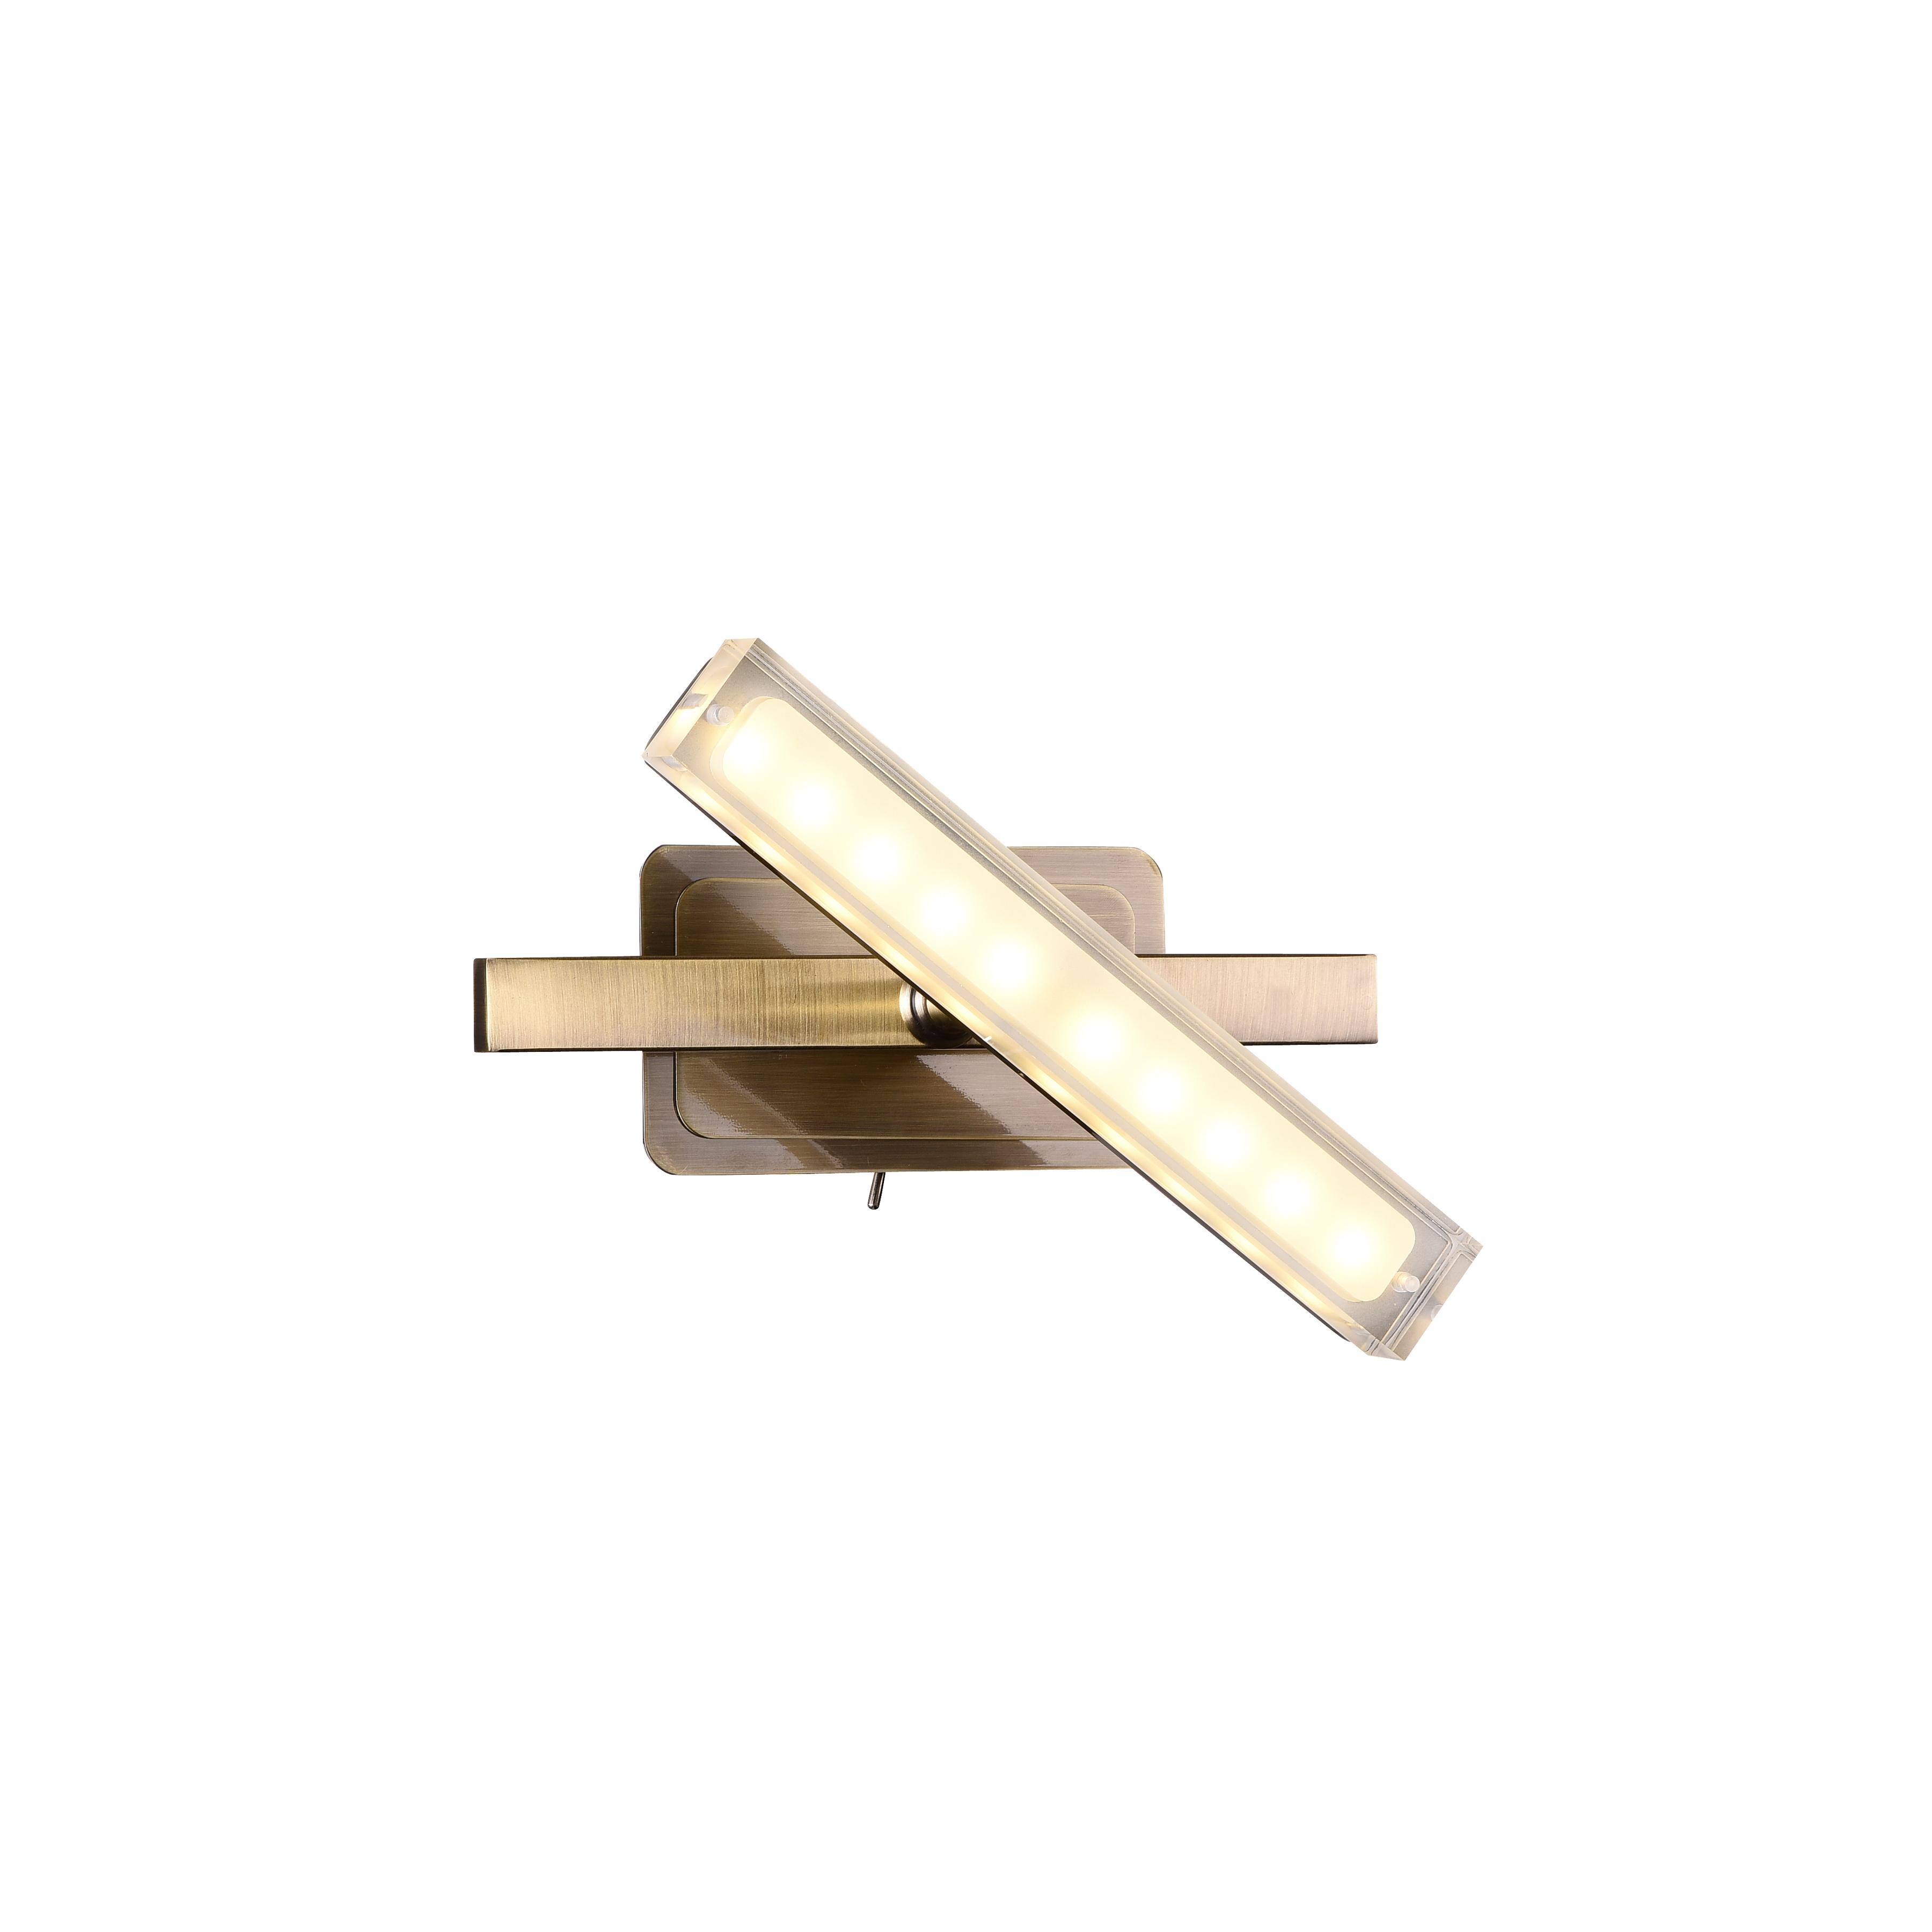 Спот RobertaСпоты<br>Светодиодный спот в стиле Хай-Тек. Спот с акриловым плафоном со встроенной светодиодной матрицей мощностью 5 W (Эквивалент лампы накаливания 33W). Цветовая температура 3000-3200К. <br>Спот  Roberta OldBronze снабжен шарнирным механизмом, позволяющий менять направление освещения. Спот имеет металлический выключатель на корпусе.<br>Спот поставляется в собранном виде и имеет в комплекте все необходимые для монтажа крепежные элементы.&amp;lt;div&amp;gt;&amp;lt;br&amp;gt;&amp;lt;/div&amp;gt;&amp;lt;div&amp;gt;&amp;lt;div&amp;gt;Цоколь: LED&amp;lt;/div&amp;gt;&amp;lt;div&amp;gt;Мощность лампы: 5W&amp;lt;/div&amp;gt;&amp;lt;div&amp;gt;Количество ламп: 1&amp;lt;/div&amp;gt;&amp;lt;/div&amp;gt;<br><br>Material: Металл<br>Width см: 20<br>Depth см: 11,8<br>Height см: 11,4